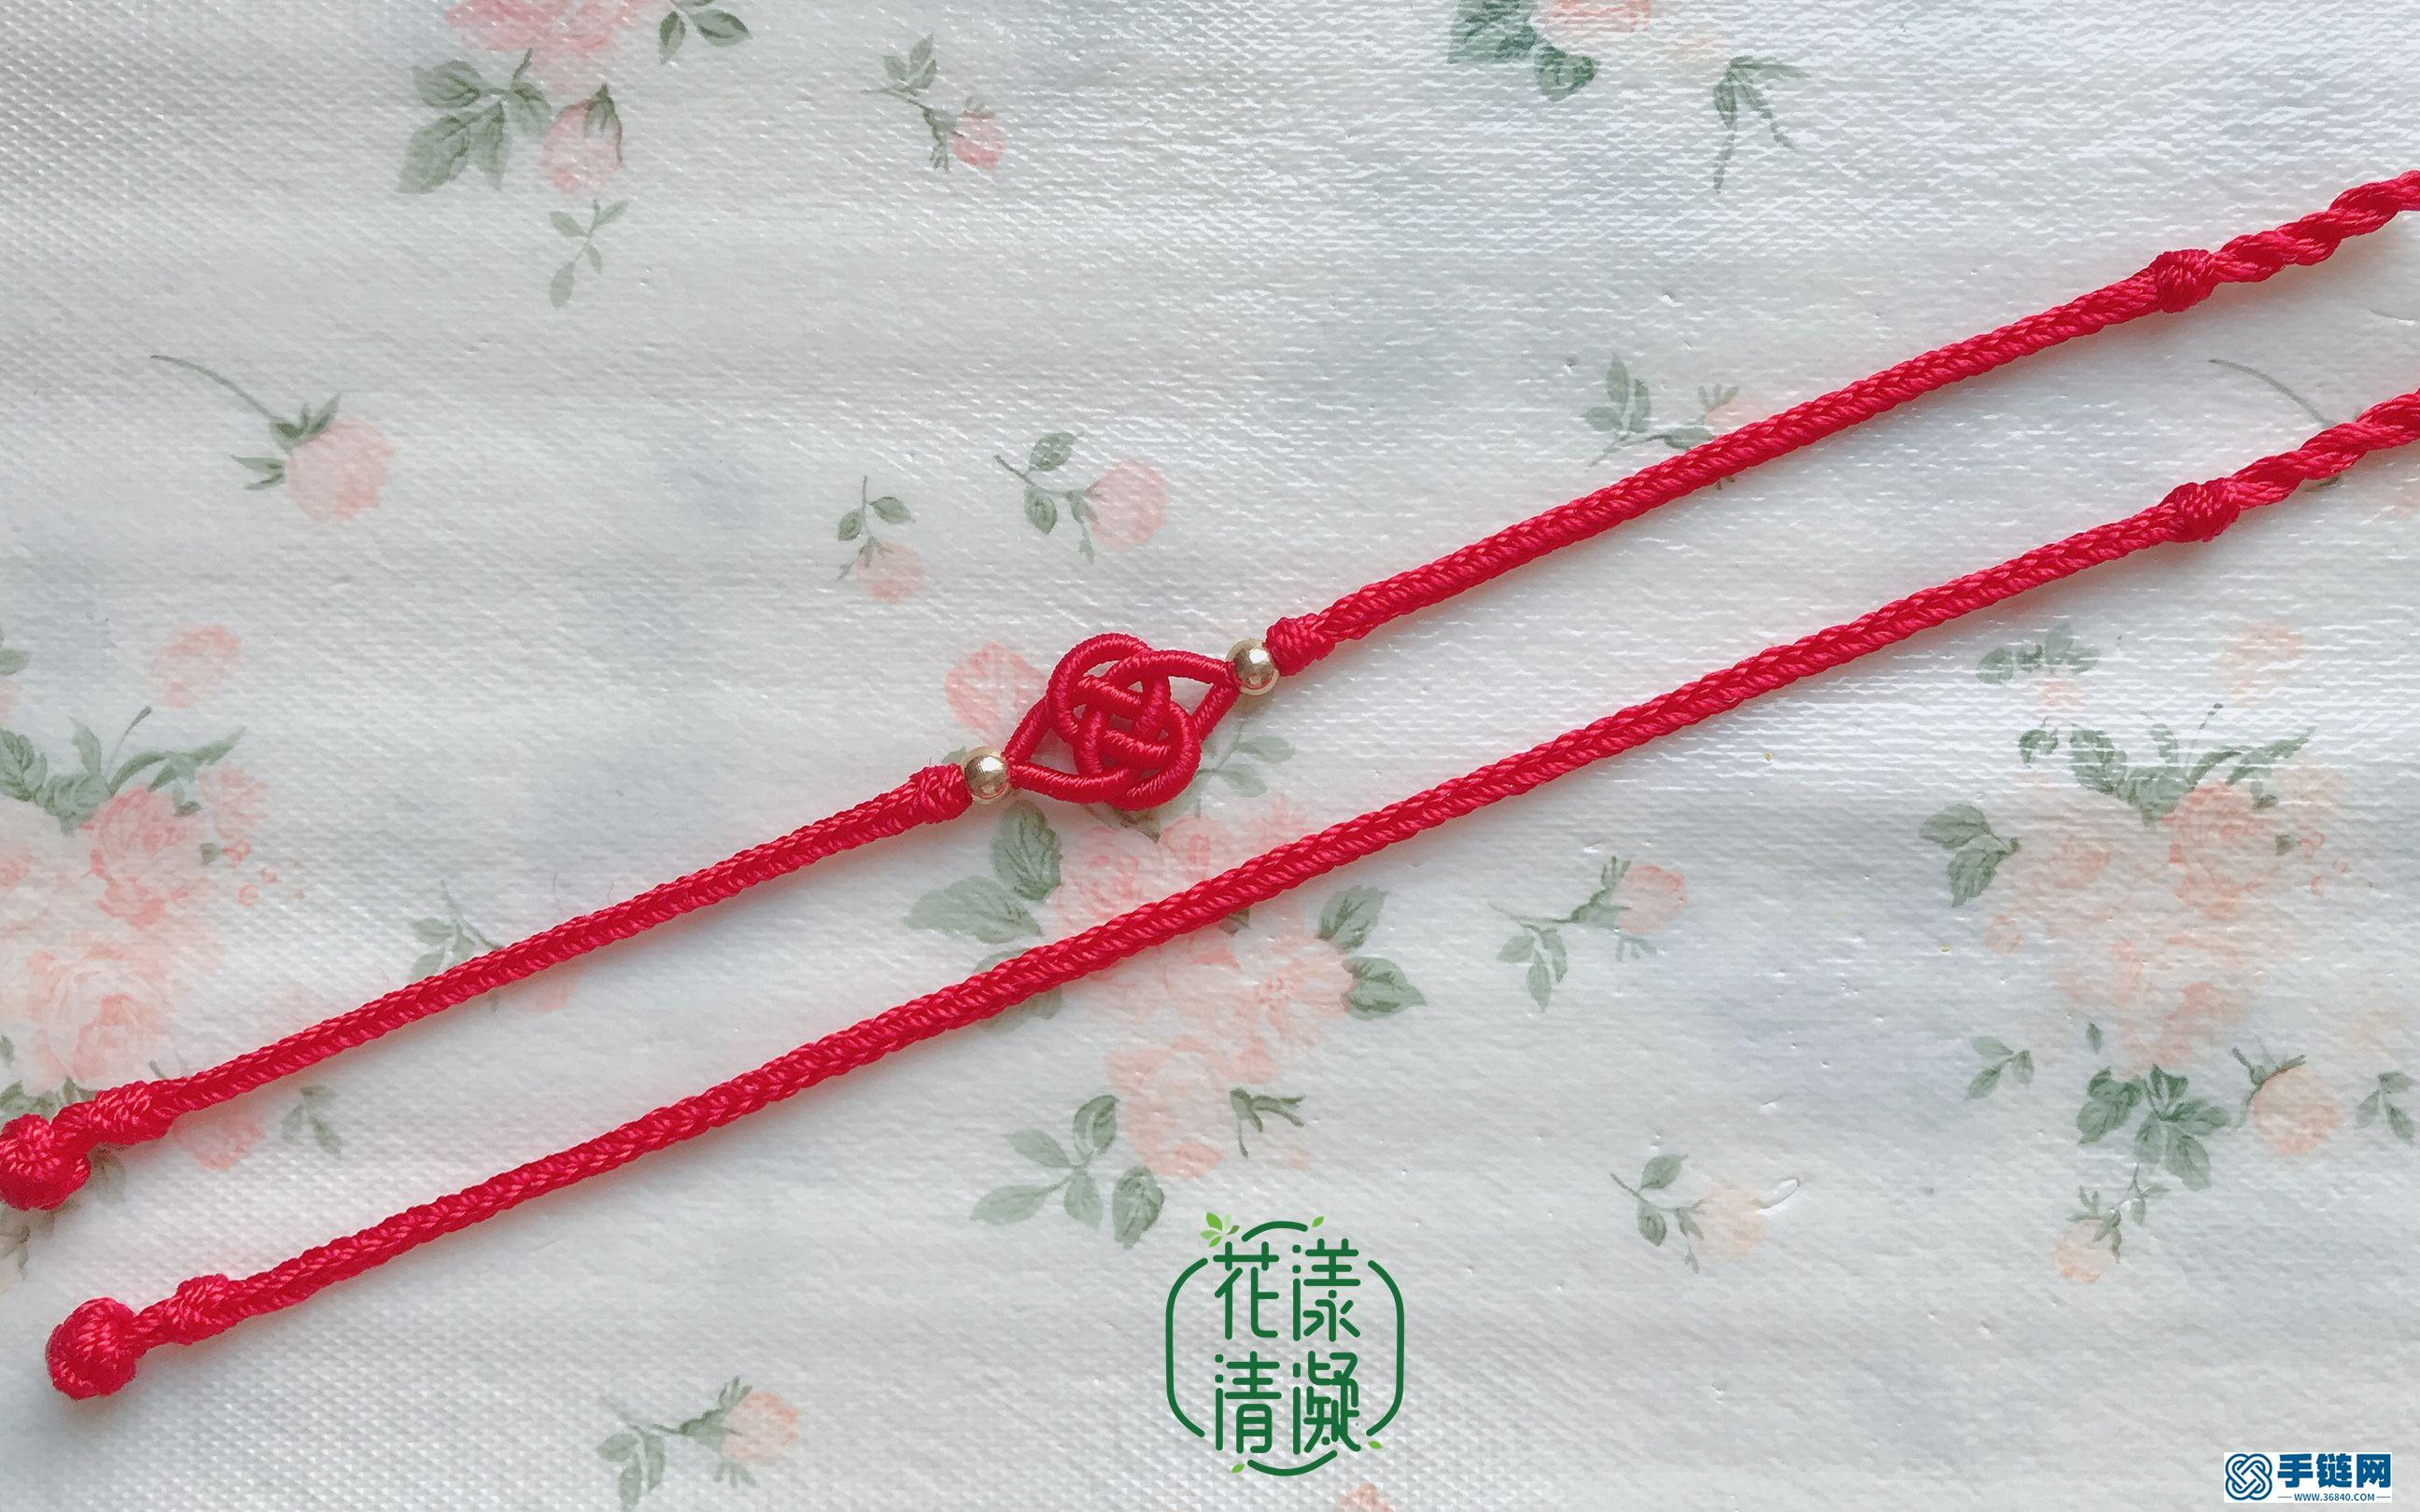 本命年系列,鸿运当头,富甲天下绕线双钱结红手绳